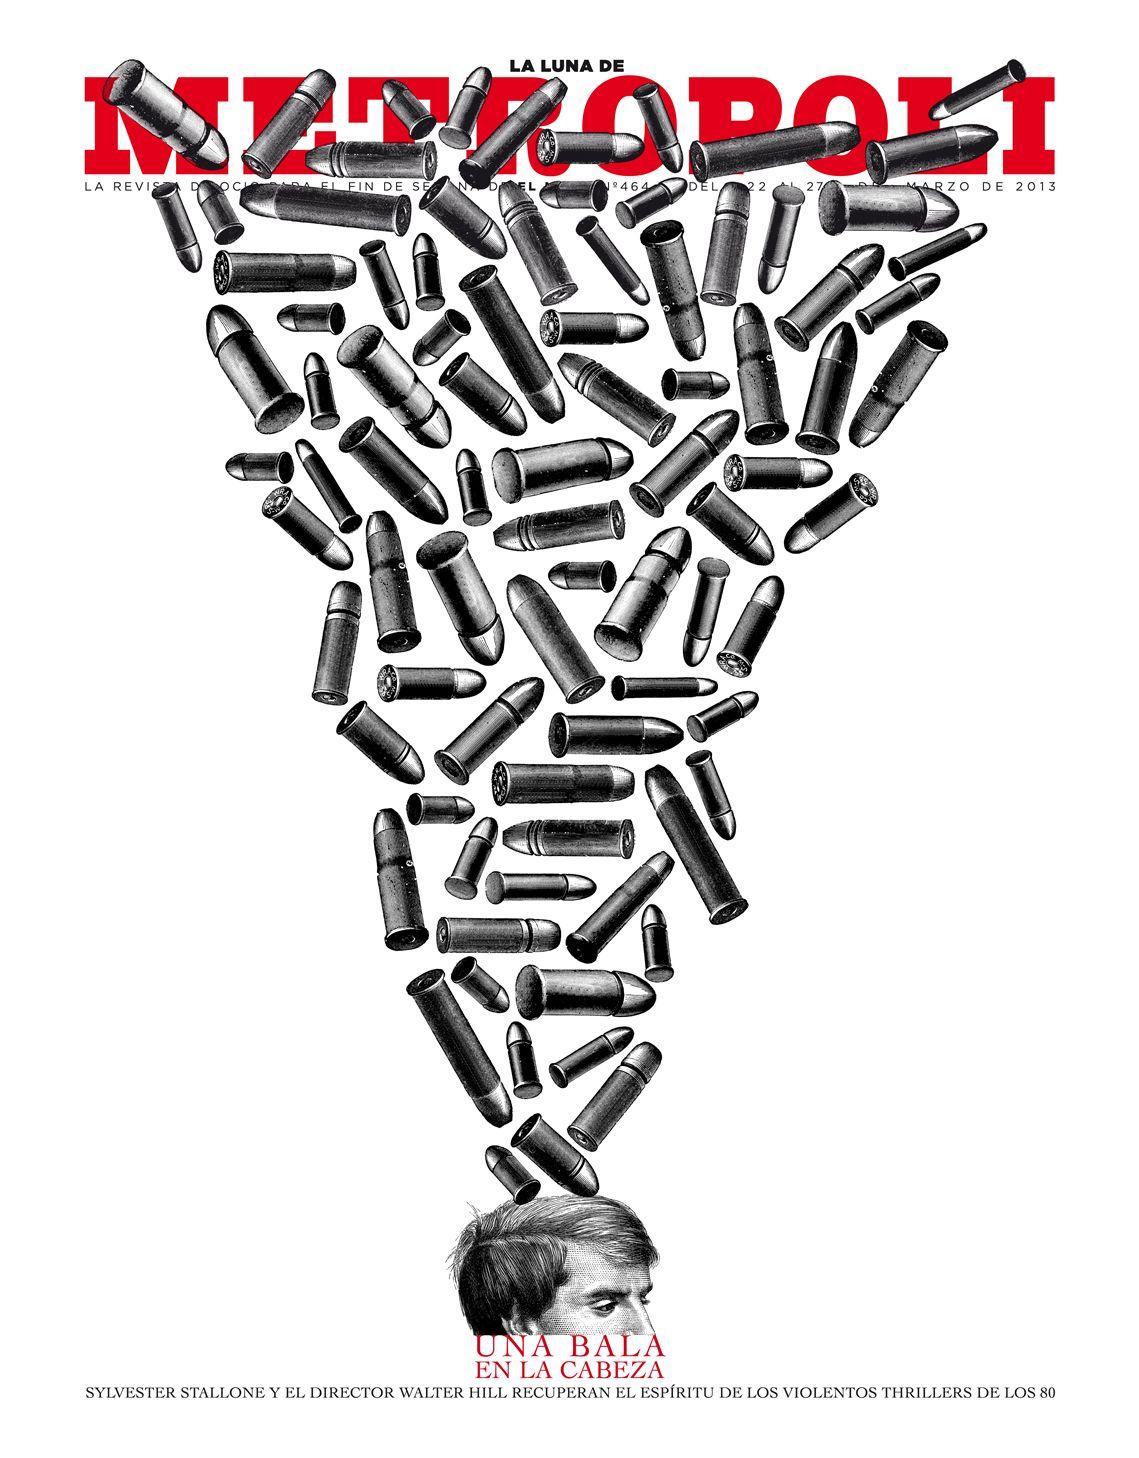 UNA BALA EN LA CABEZA (Bullet to the Head), una película